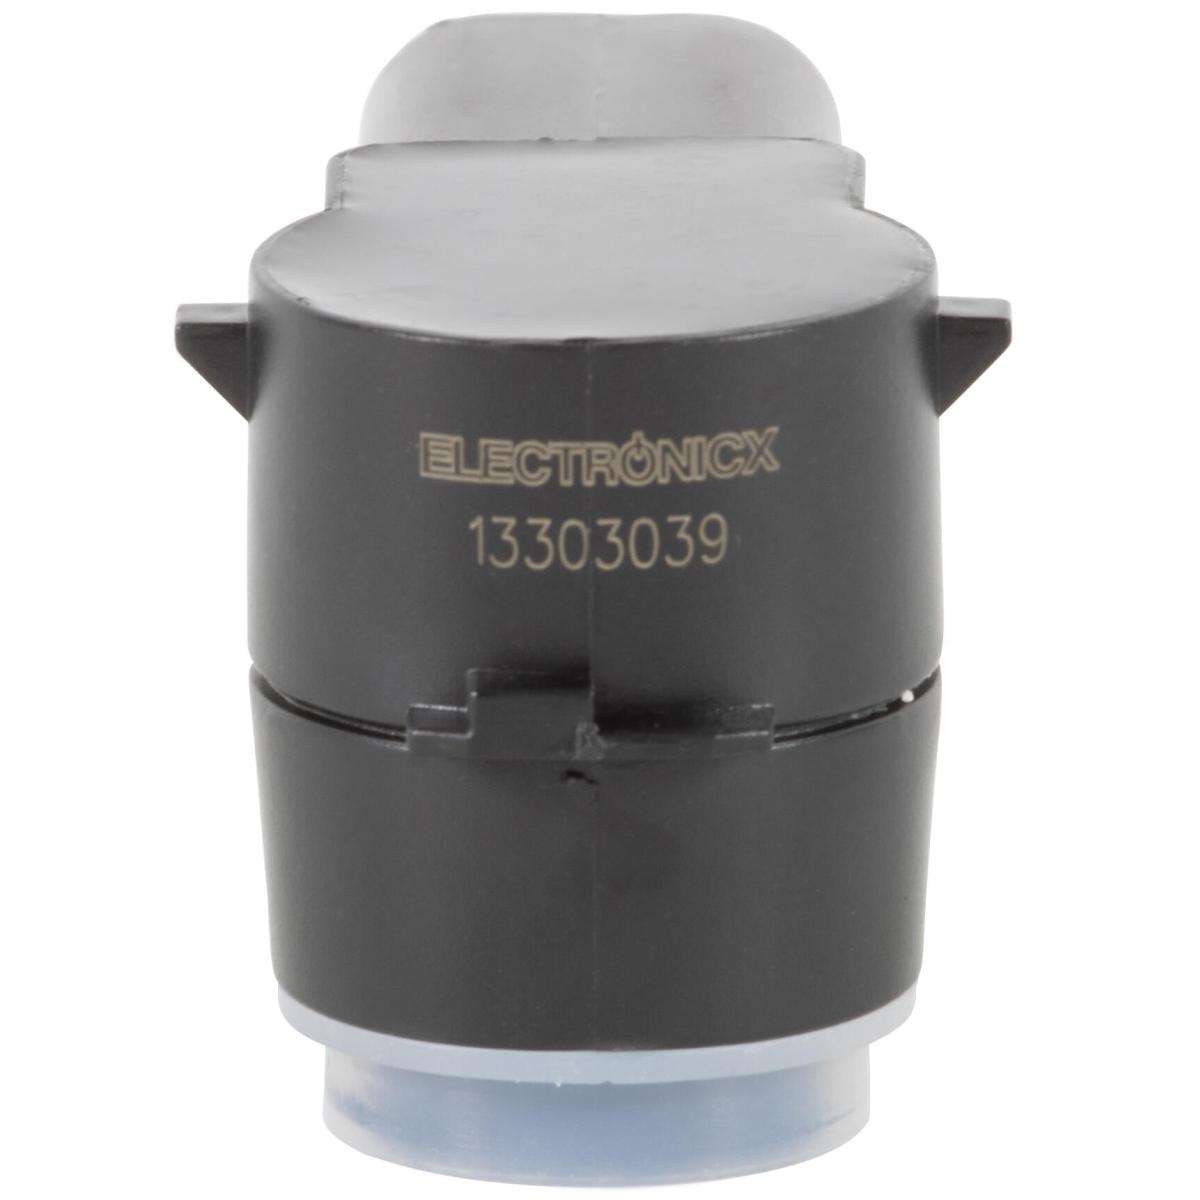 Parksensor 13303039 für GM PDC Parktronic